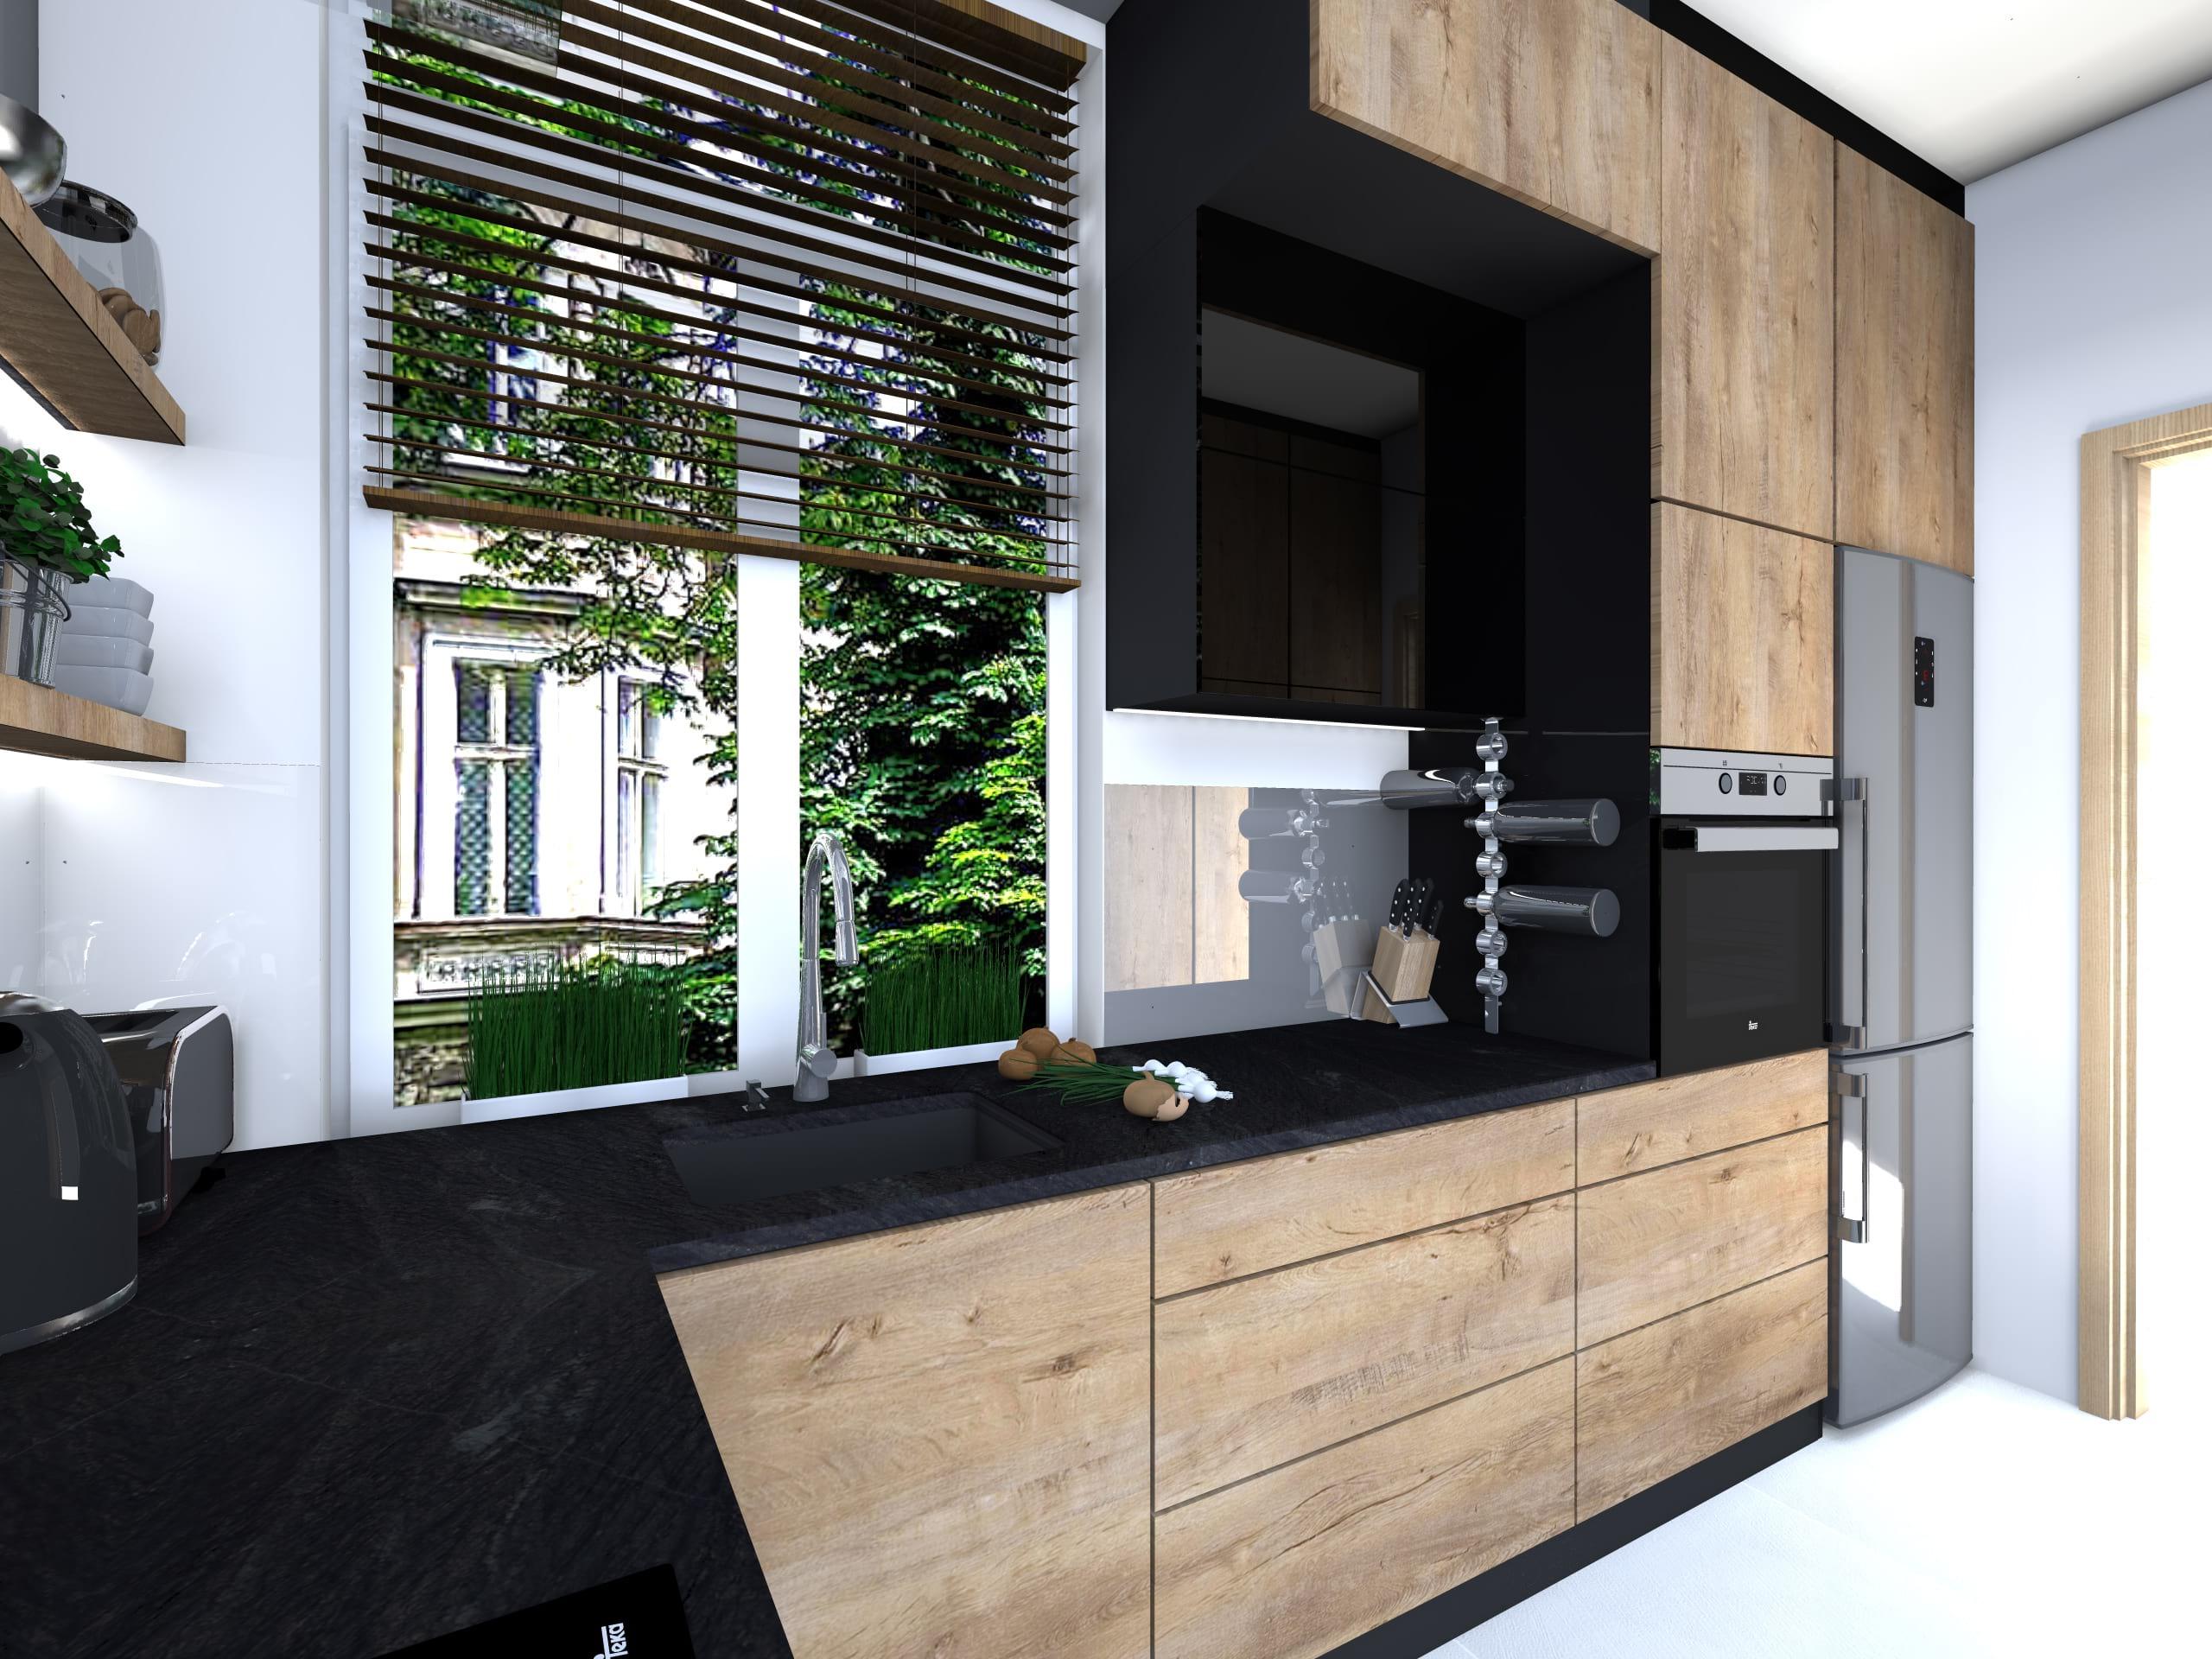 Projekty I Aranżacje Kuchni Architekt Wnętrz Dorota Bykowska